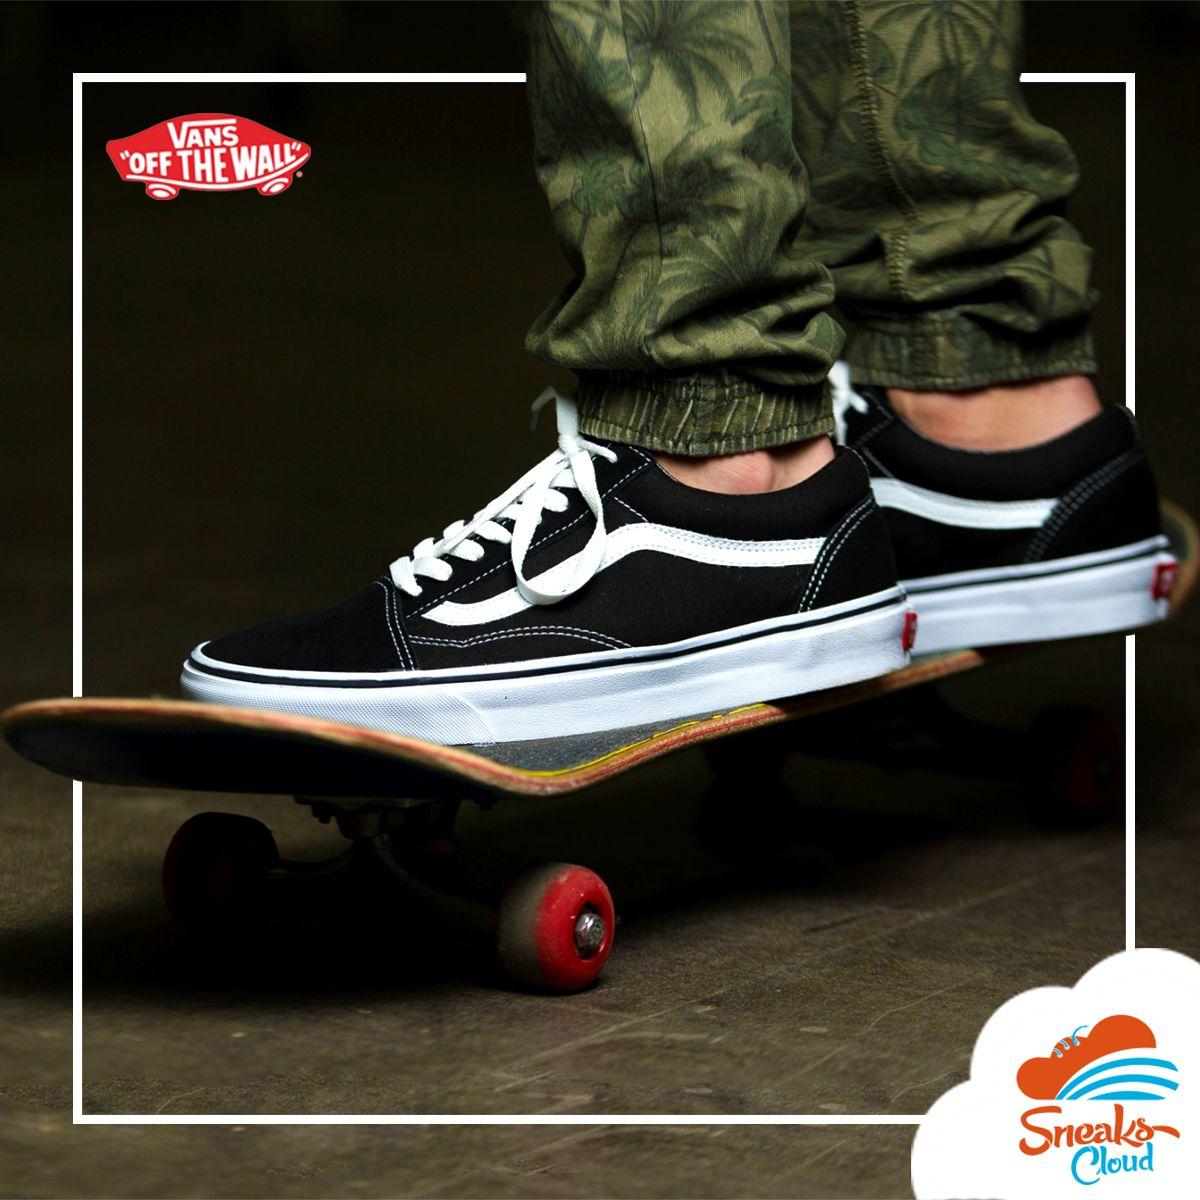 Sneakerstan beklediğin her şeyi Vans Old Skool'da bulacaksın! Ürün Kodumuz: NVD3HY28-R Ürün Fiyatımız: 230 TL Sahip olmak için hemen tıkla! https://www.sneakscloud.com/vans-old-skool-19